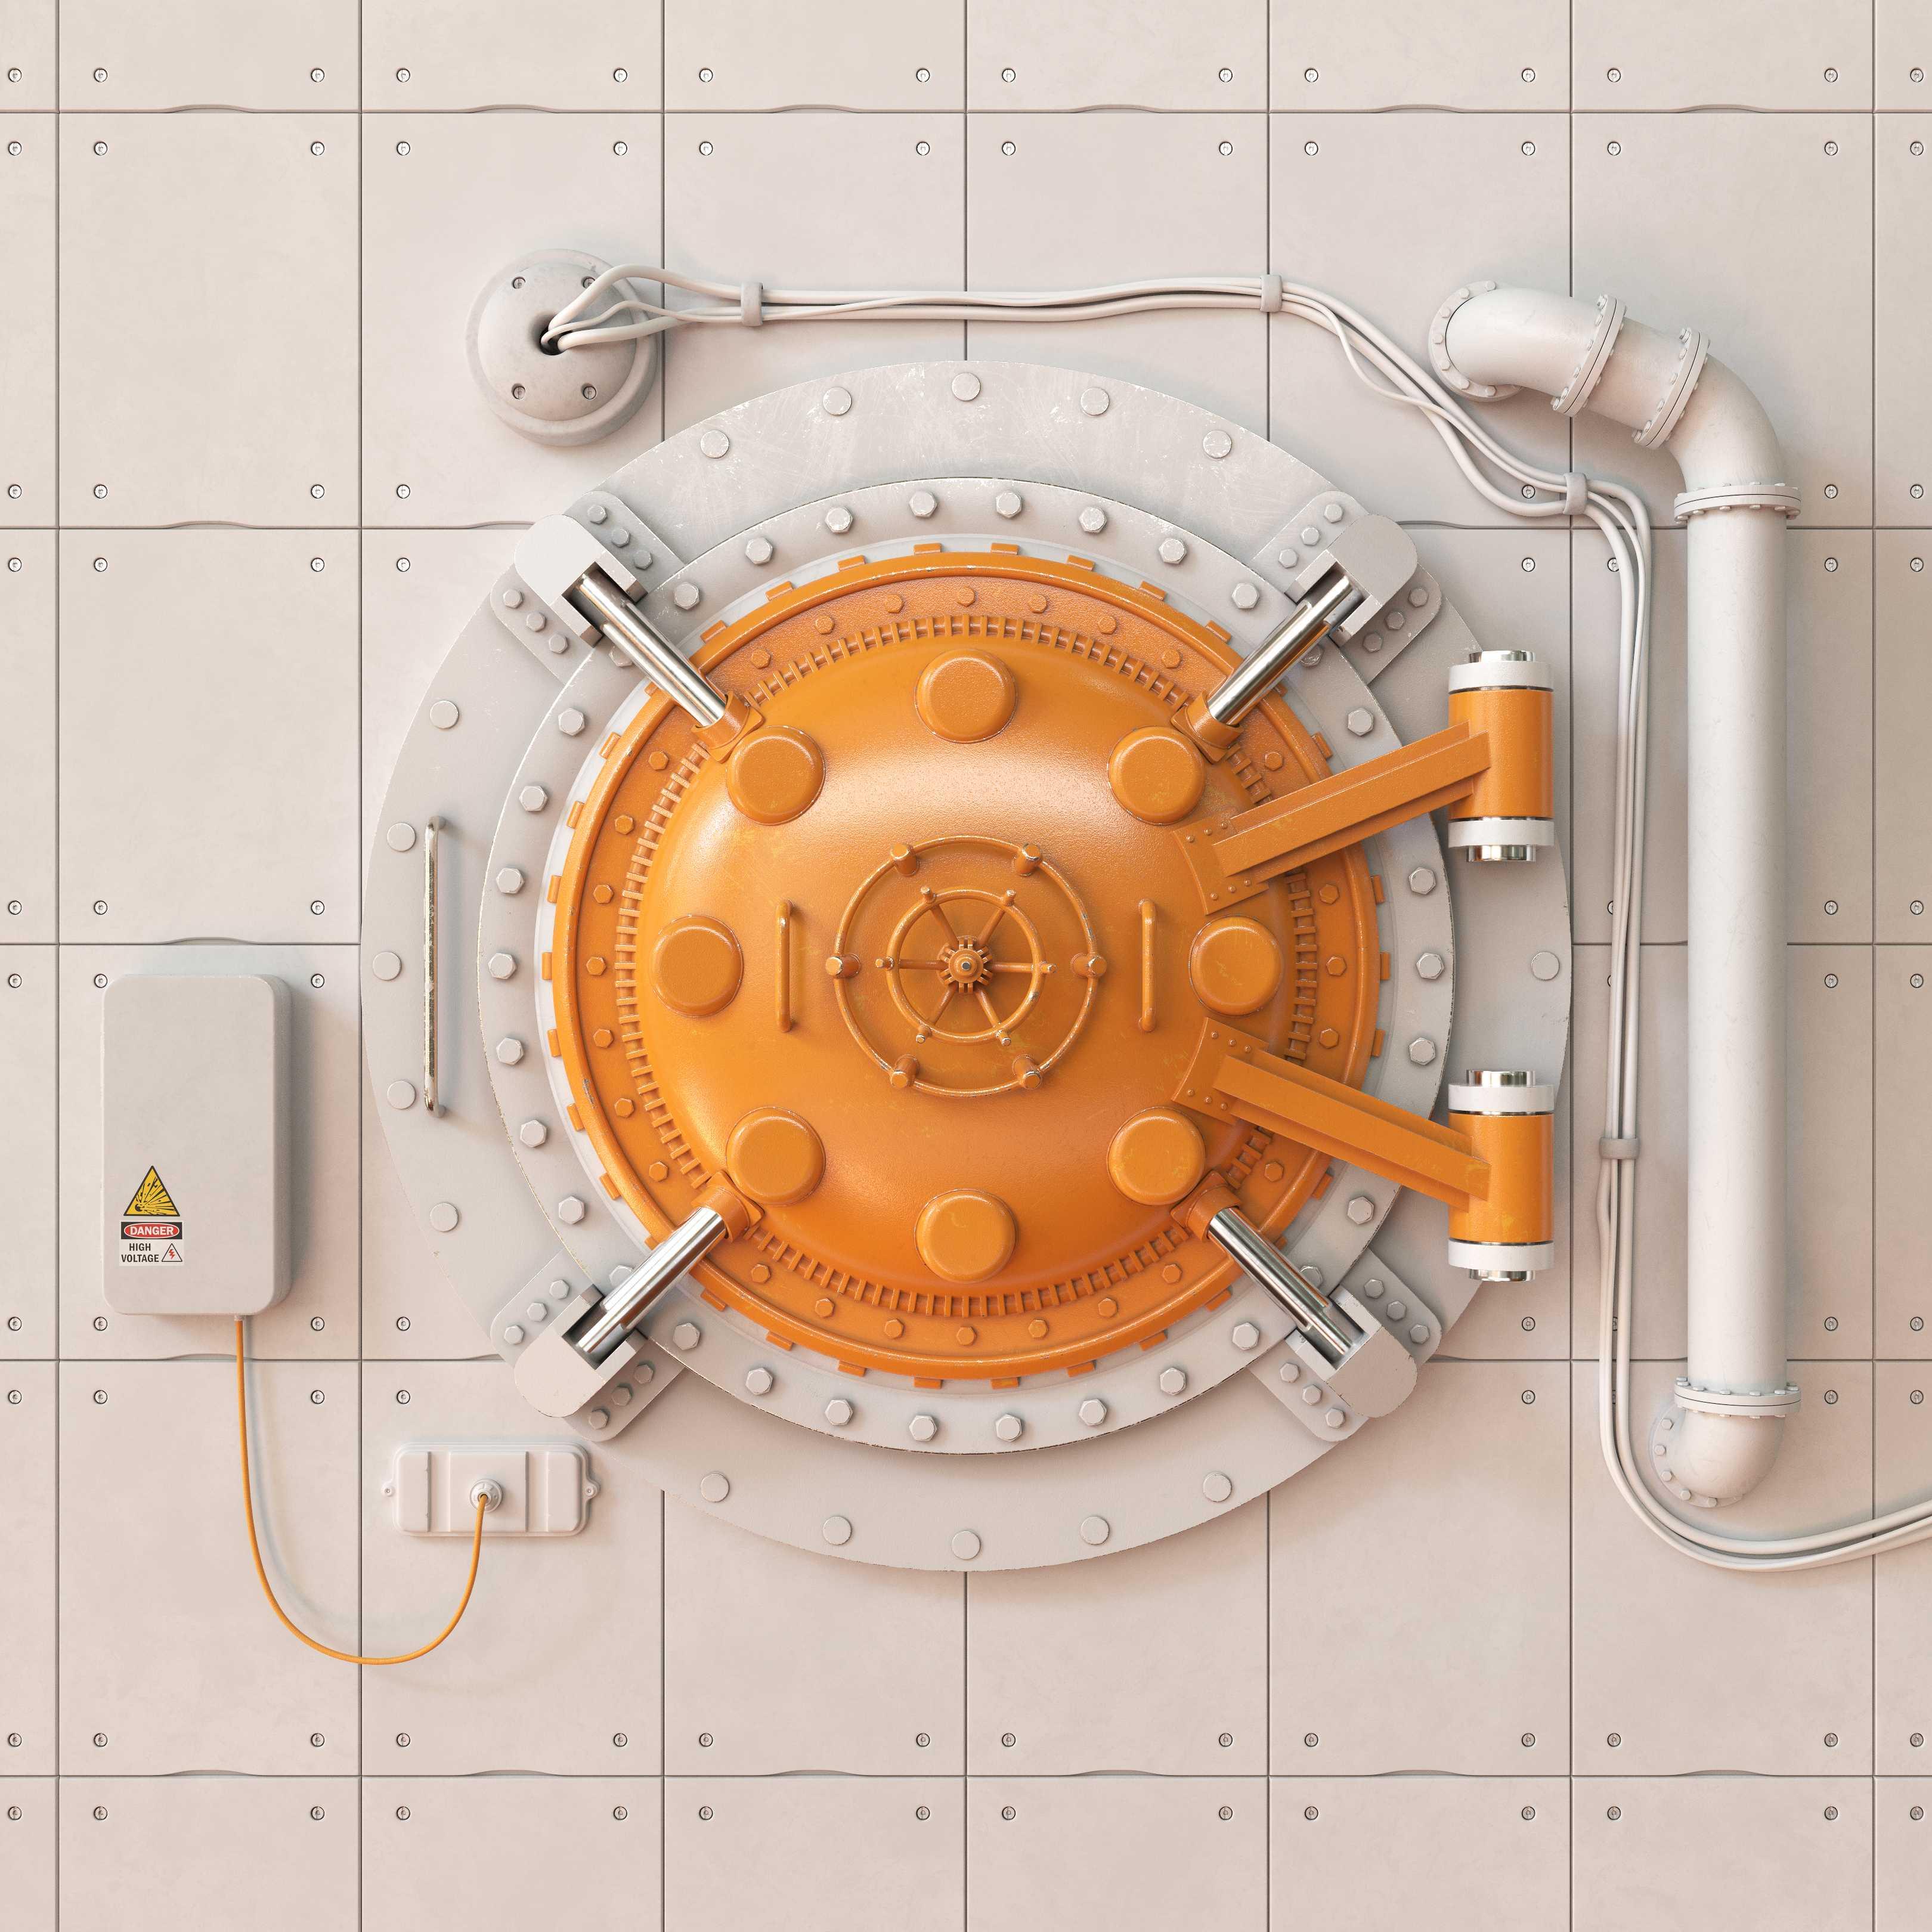 The affex vault artwork